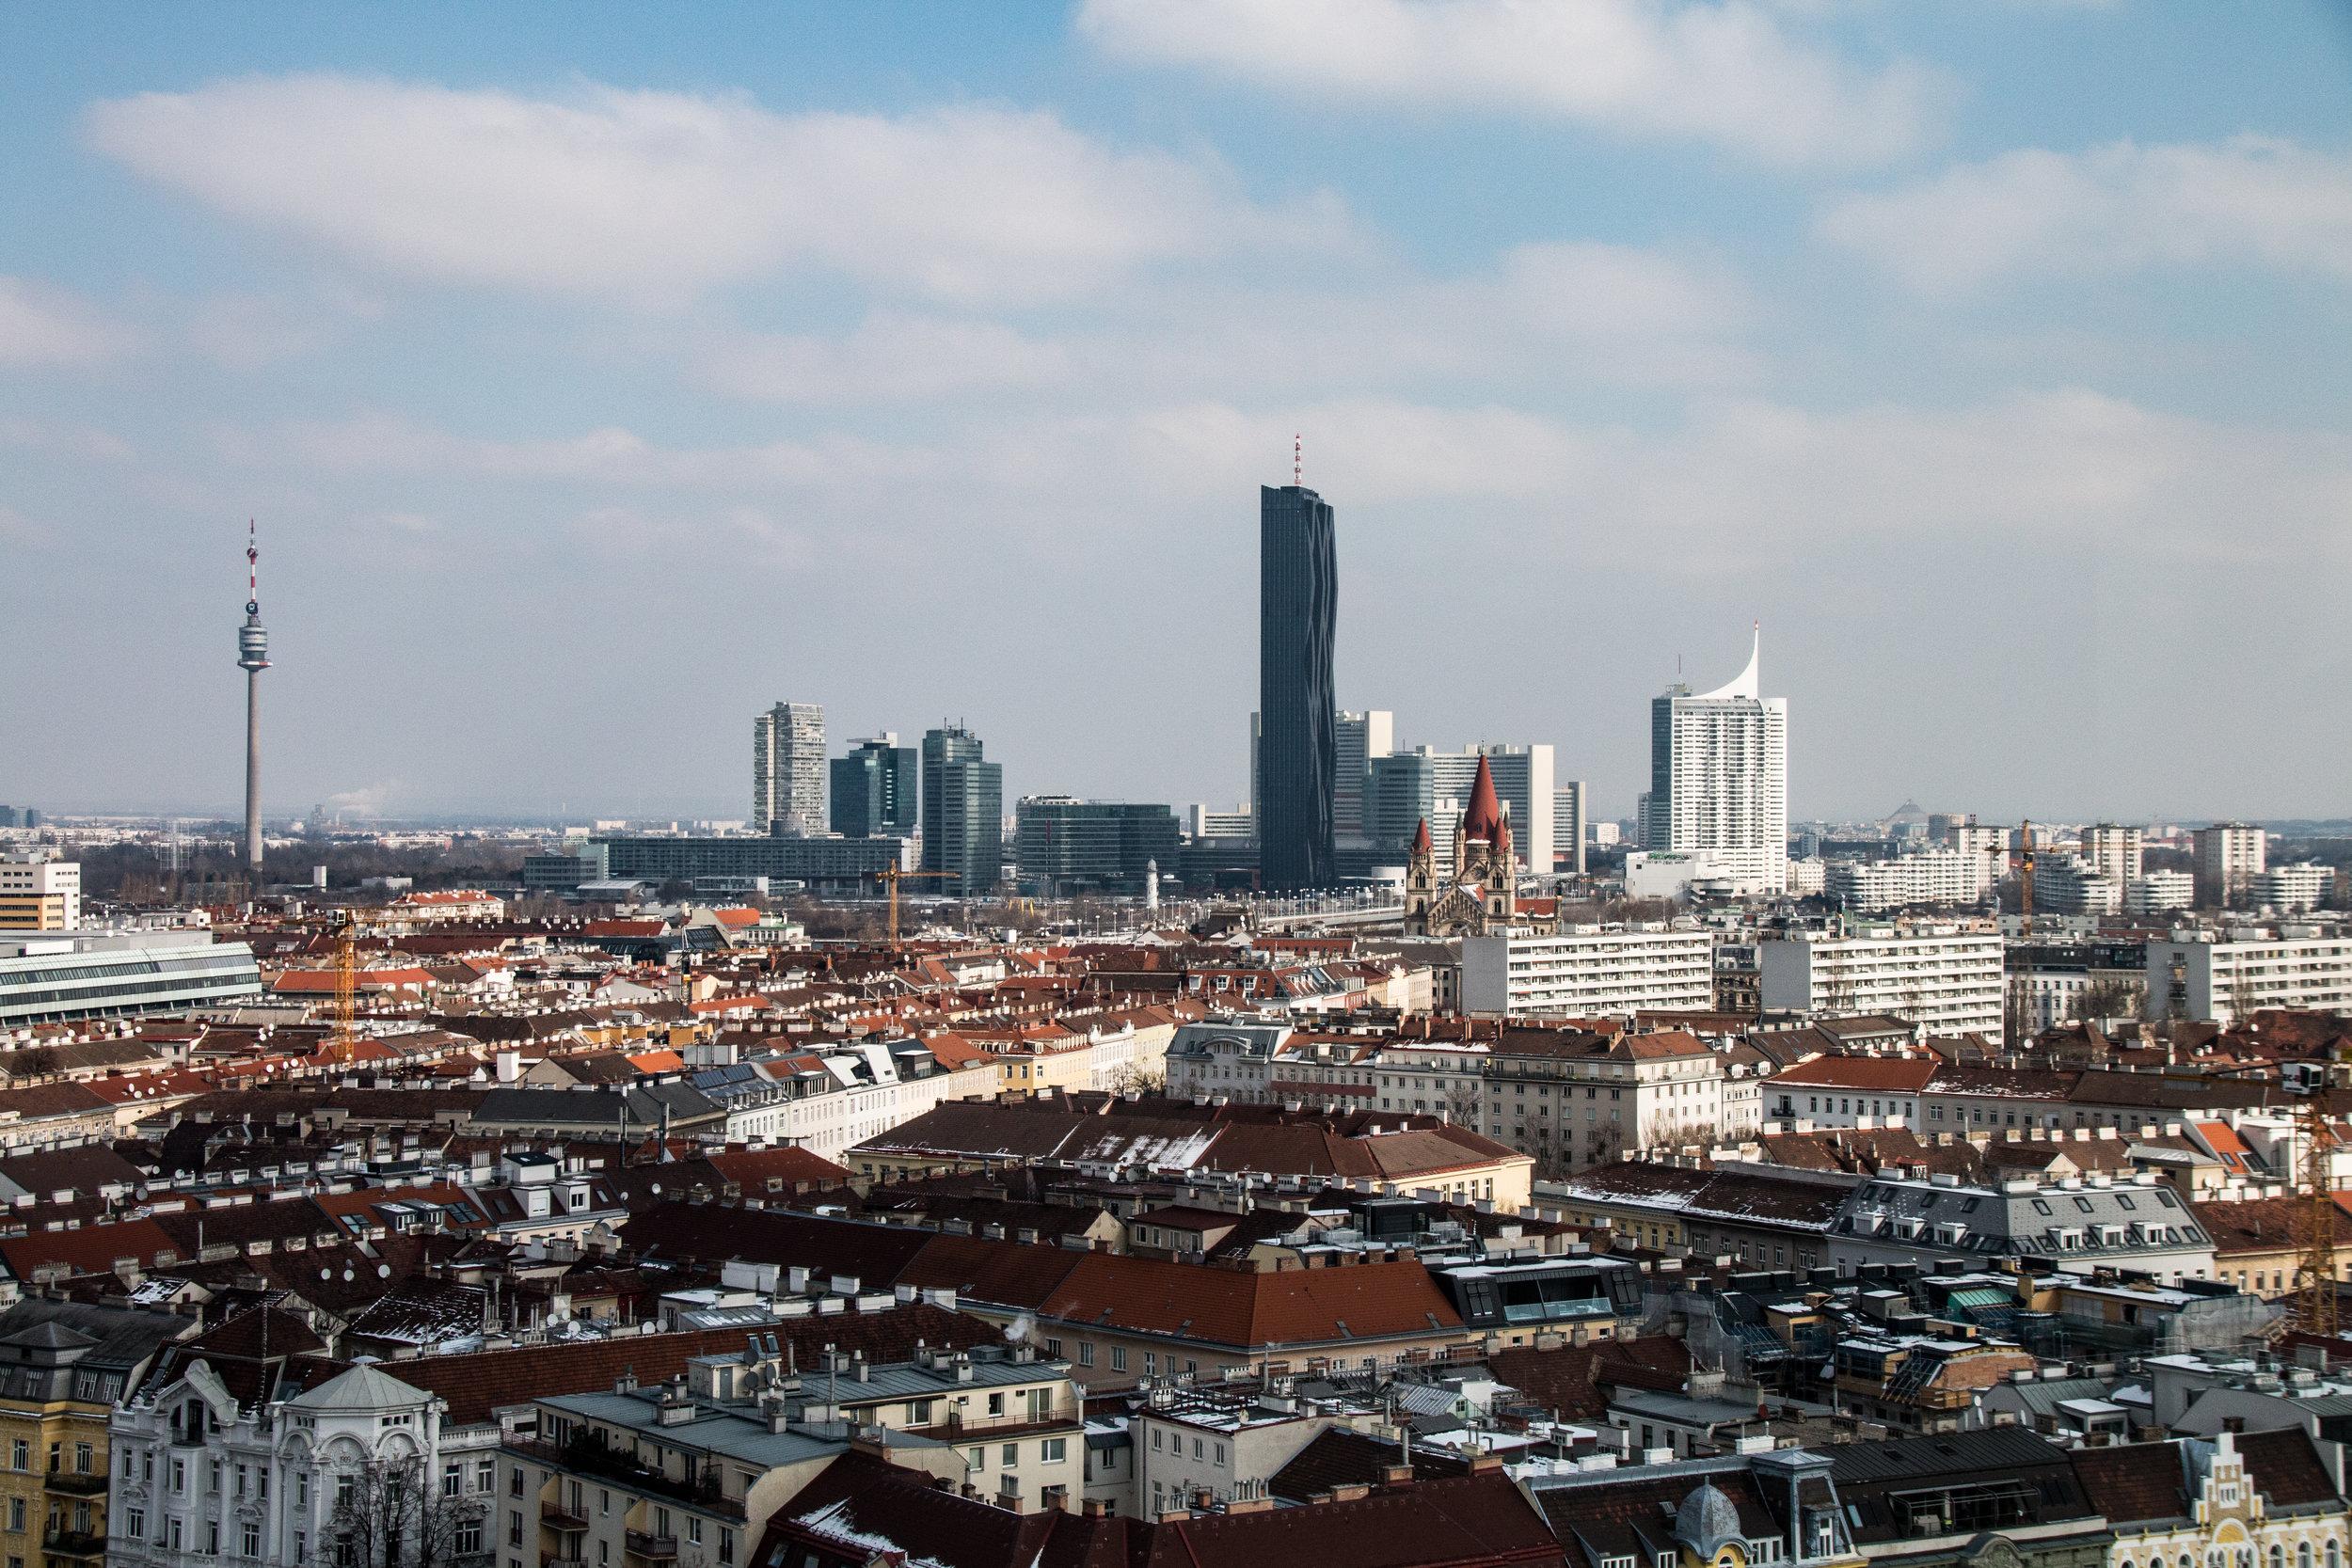 1020 Wien - Riesenrad - Blick auf die Donau City im 22. Bezirk   EOS 70D - F/8 - 1/1600 Sek - ISO 400 - 37mm